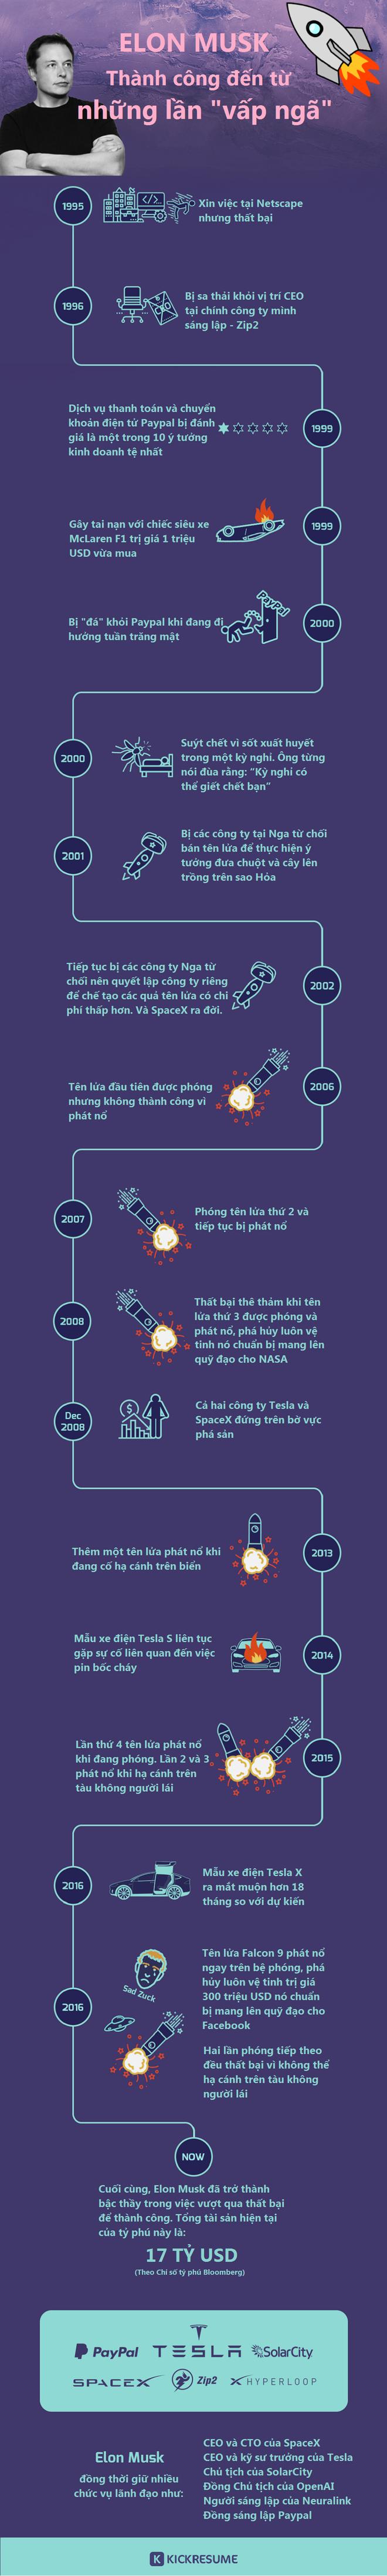 [Infographic] Elon Musk và nghệ thuật vượt qua thất bại - Ảnh 1.